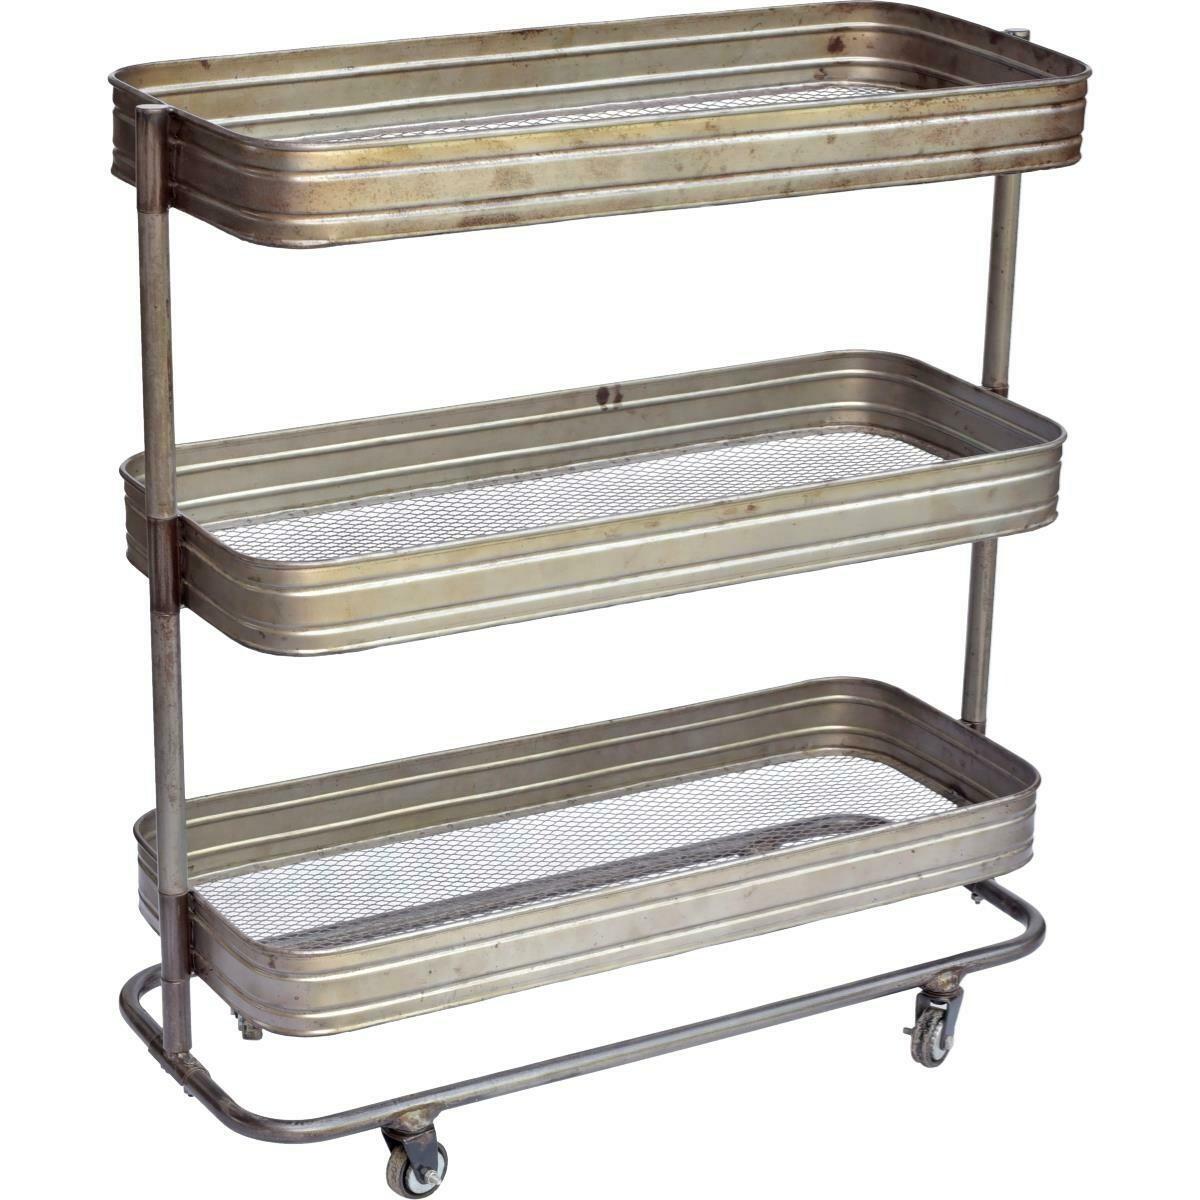 Trademark Living Rullebord - Jern med klar lak